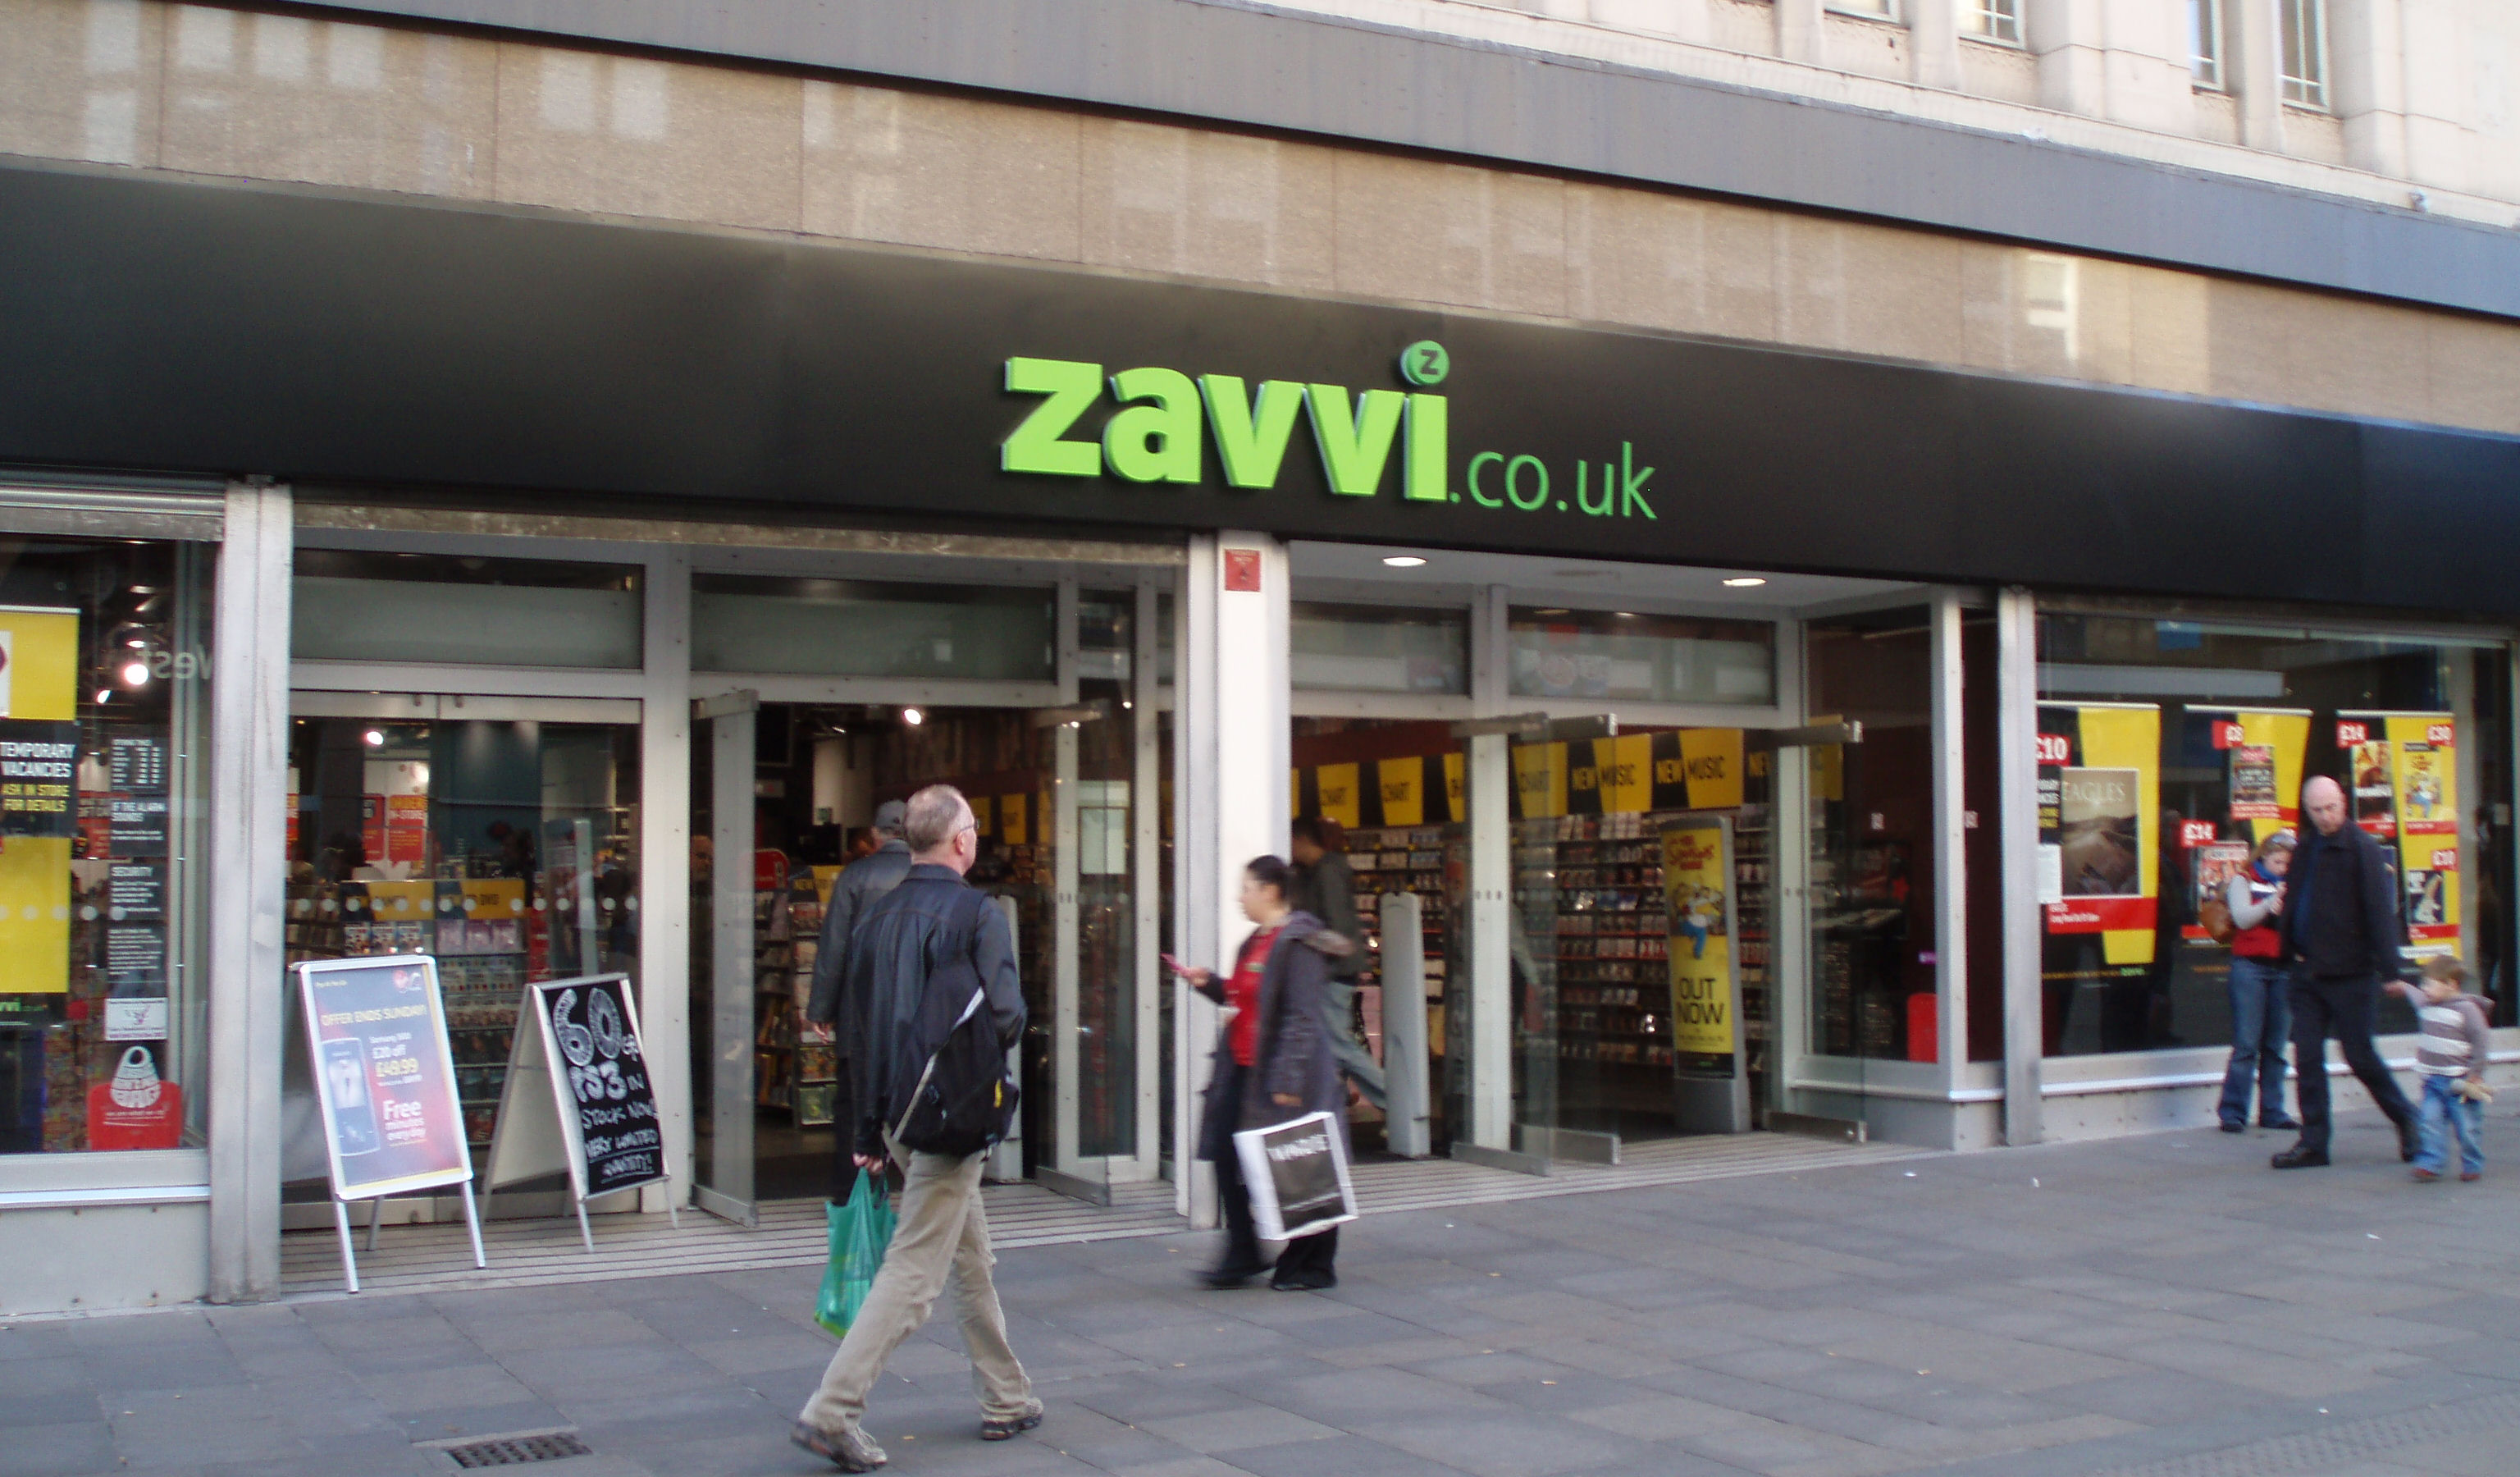 [DUDA] Comprar en Zavvi + me presento ante la comu